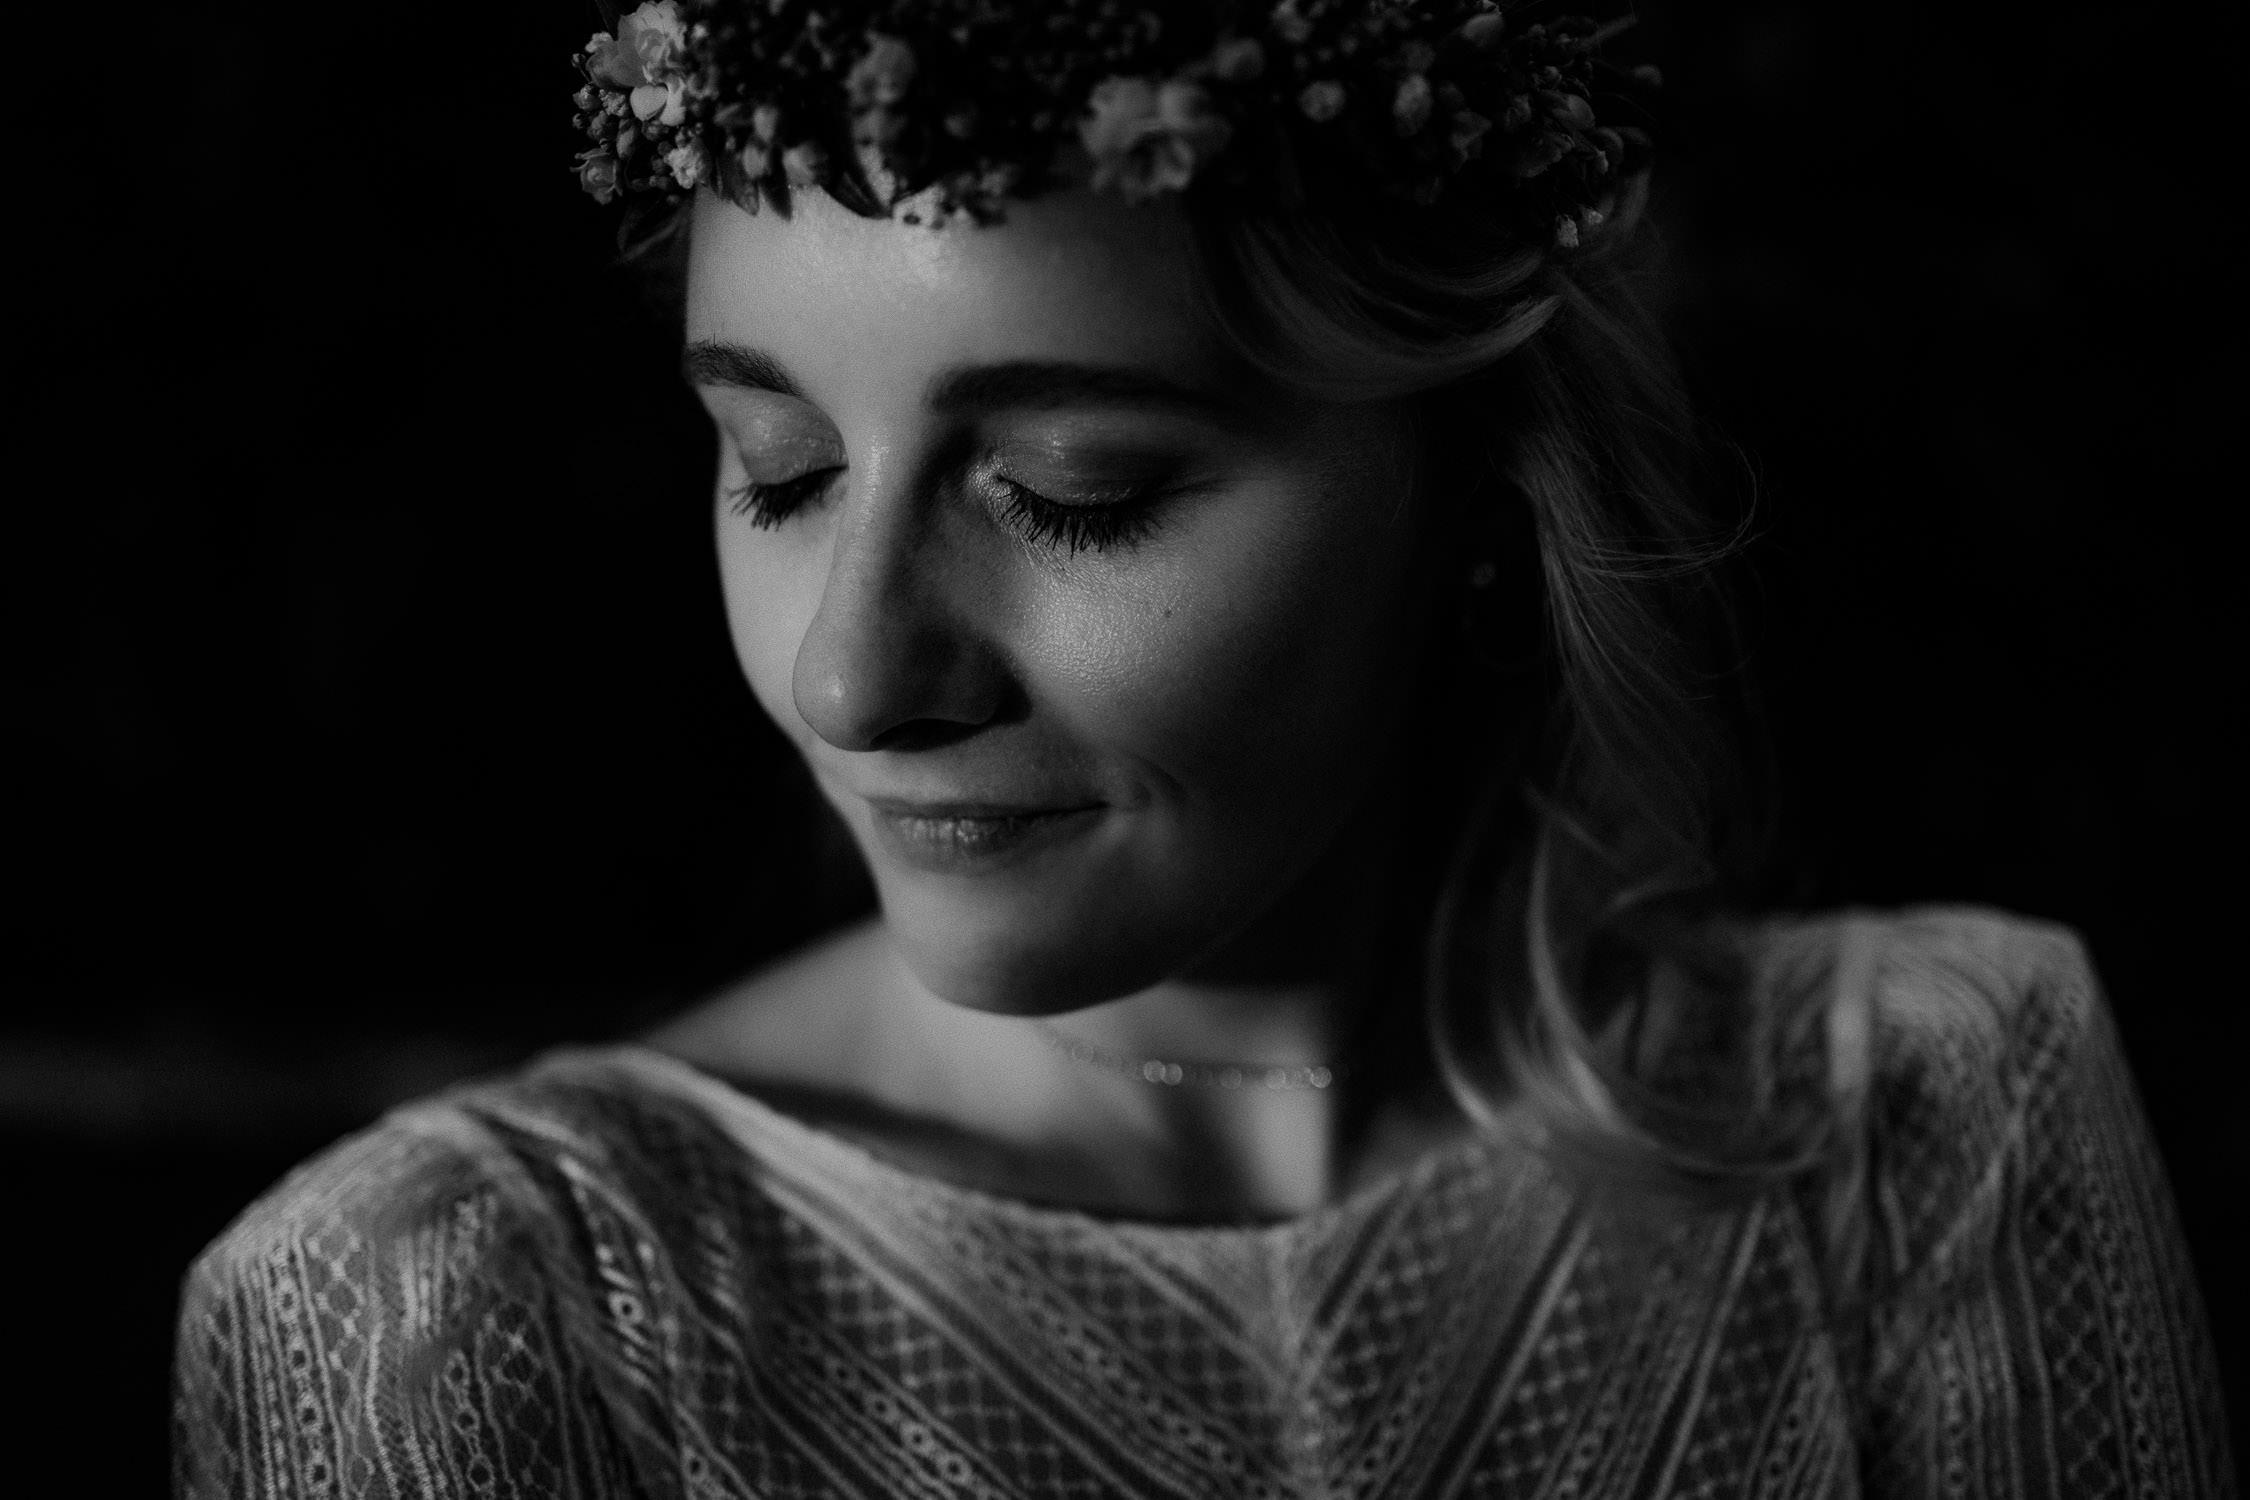 Portrait der Braut mit geschlossenen Augen in Schwarz Weiß. Fotografiert von Hochzeitsfotograf Axel Link